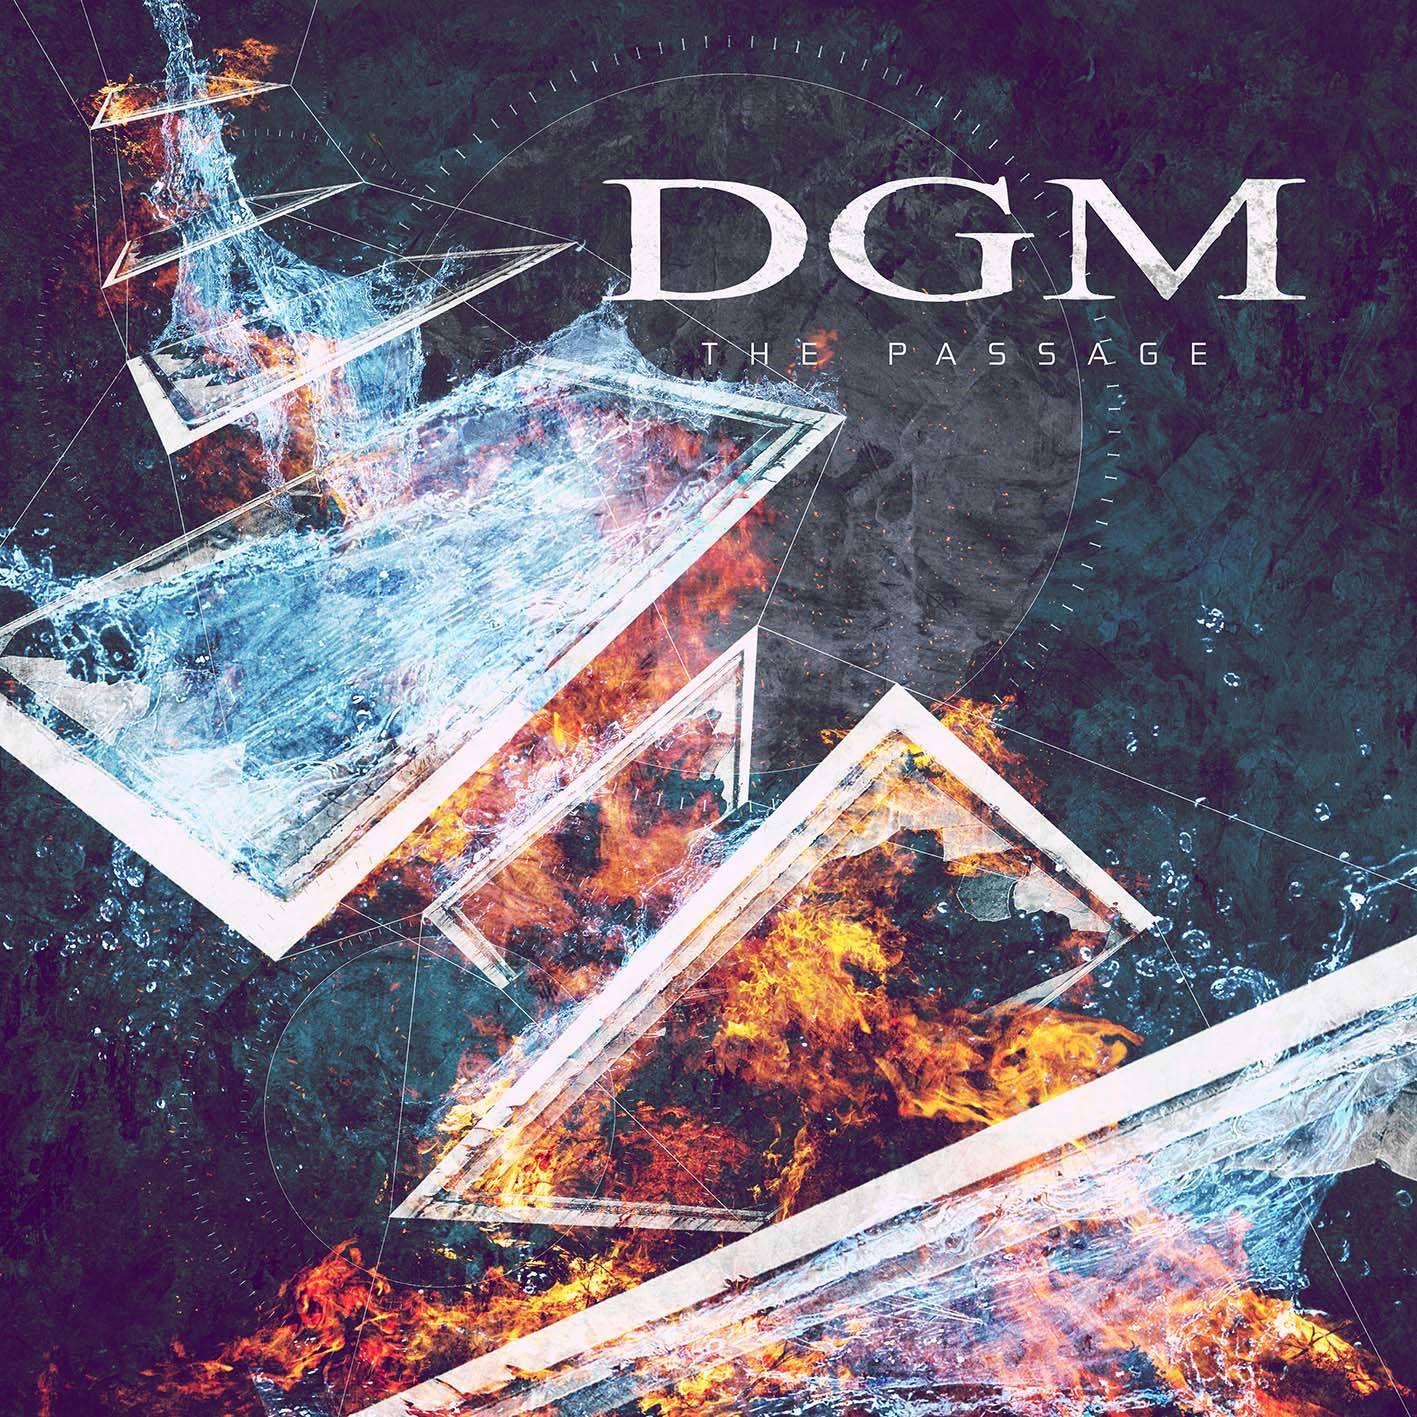 Dgm - The Passage - Album Cover